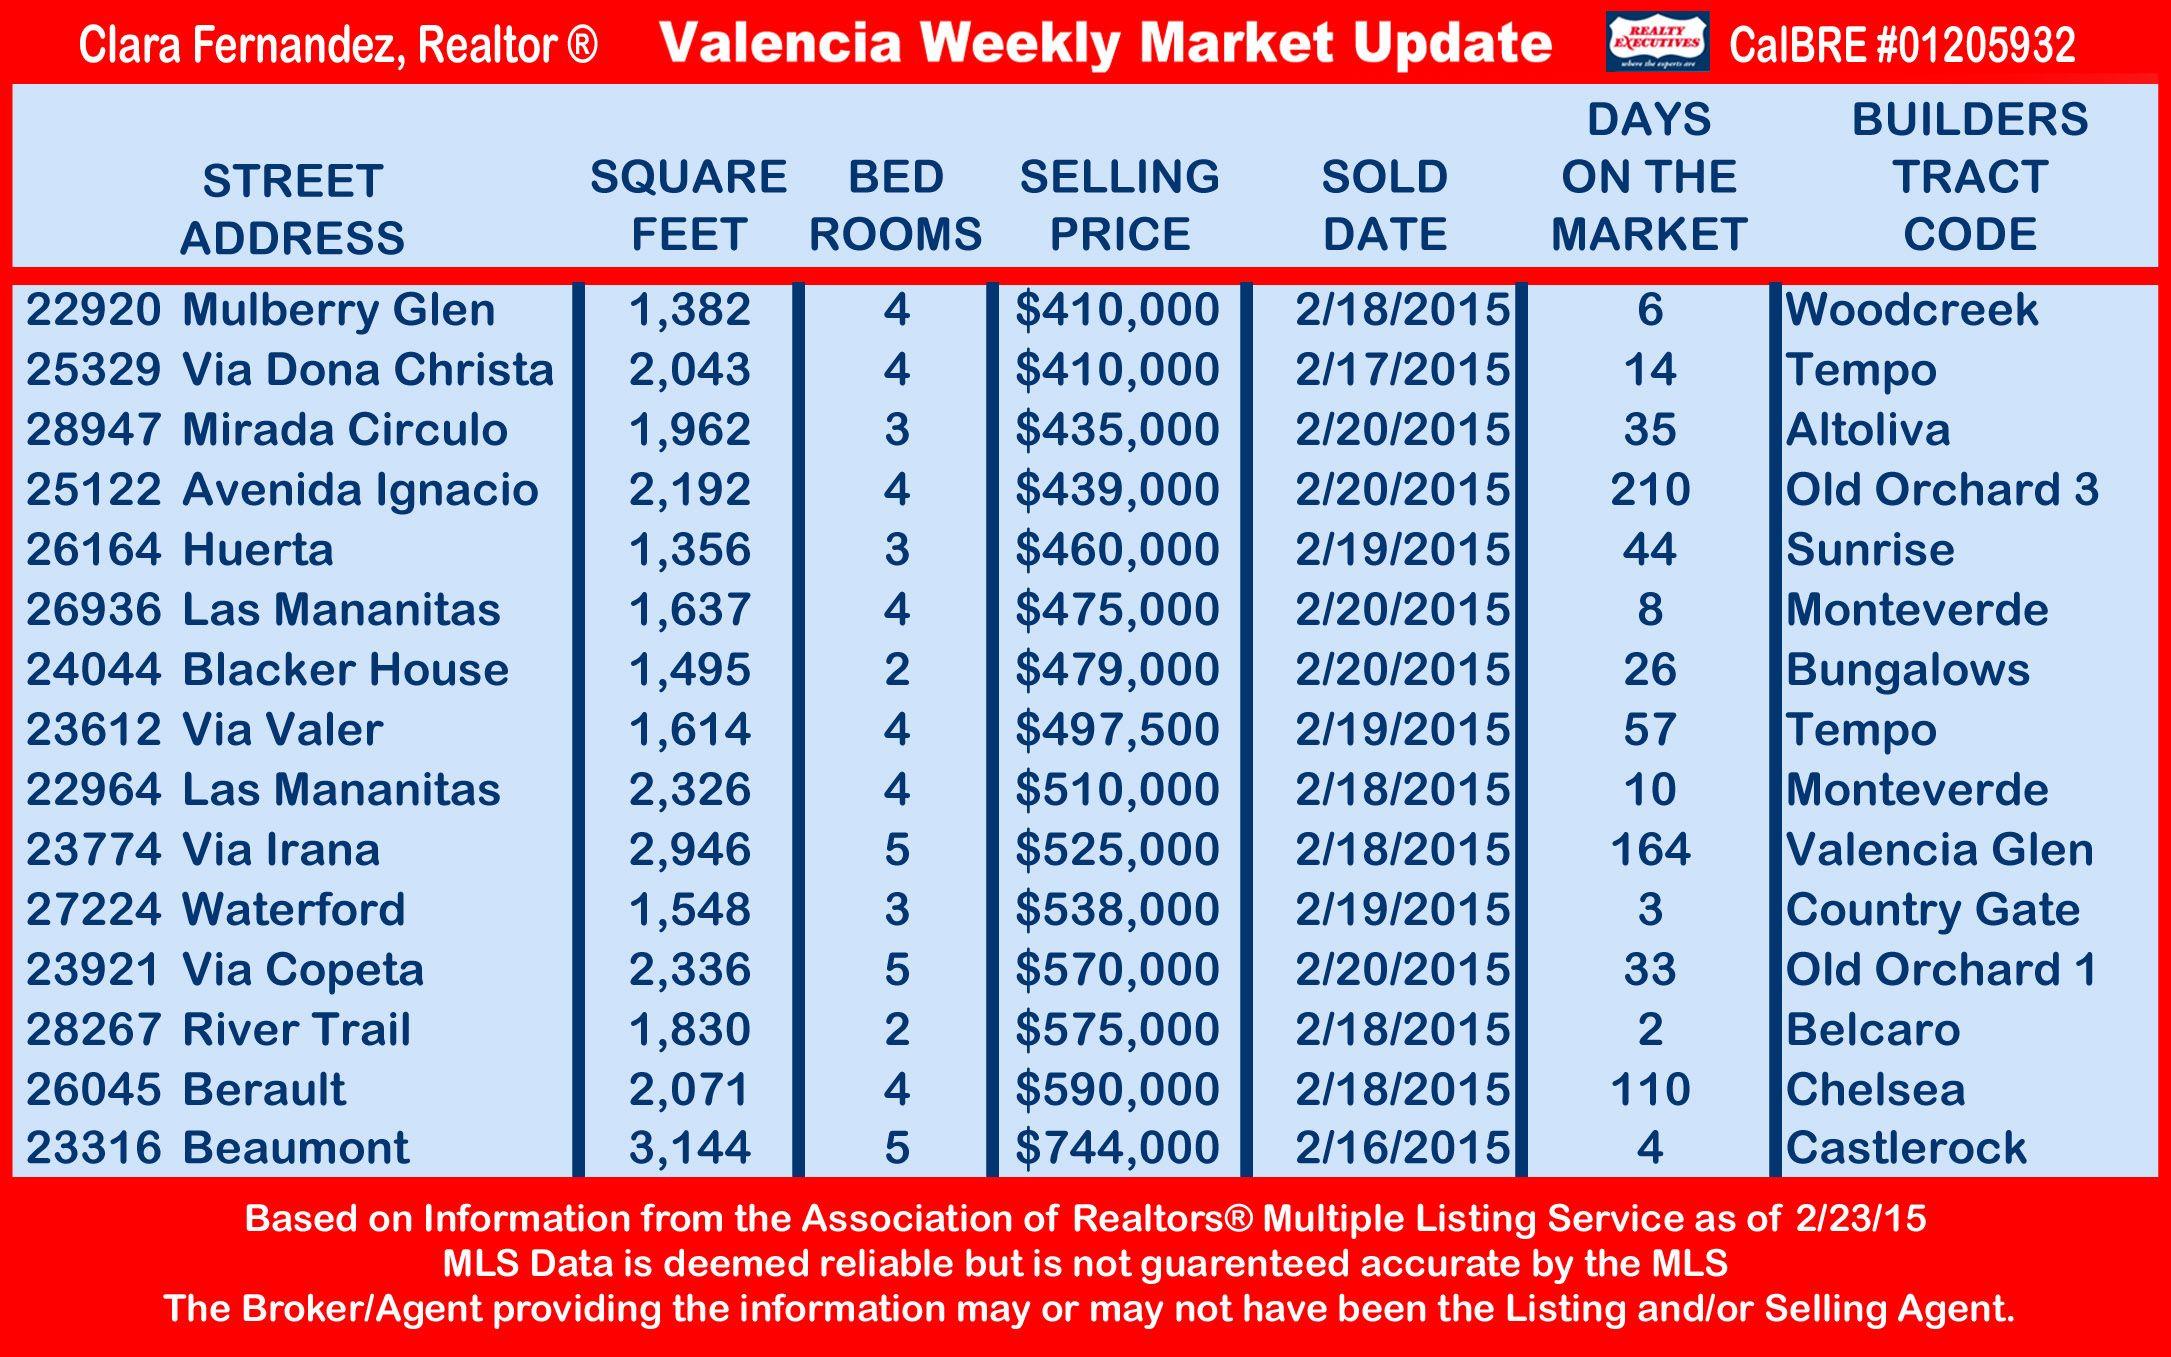 Valencia Weekly Market Update 2-23-15